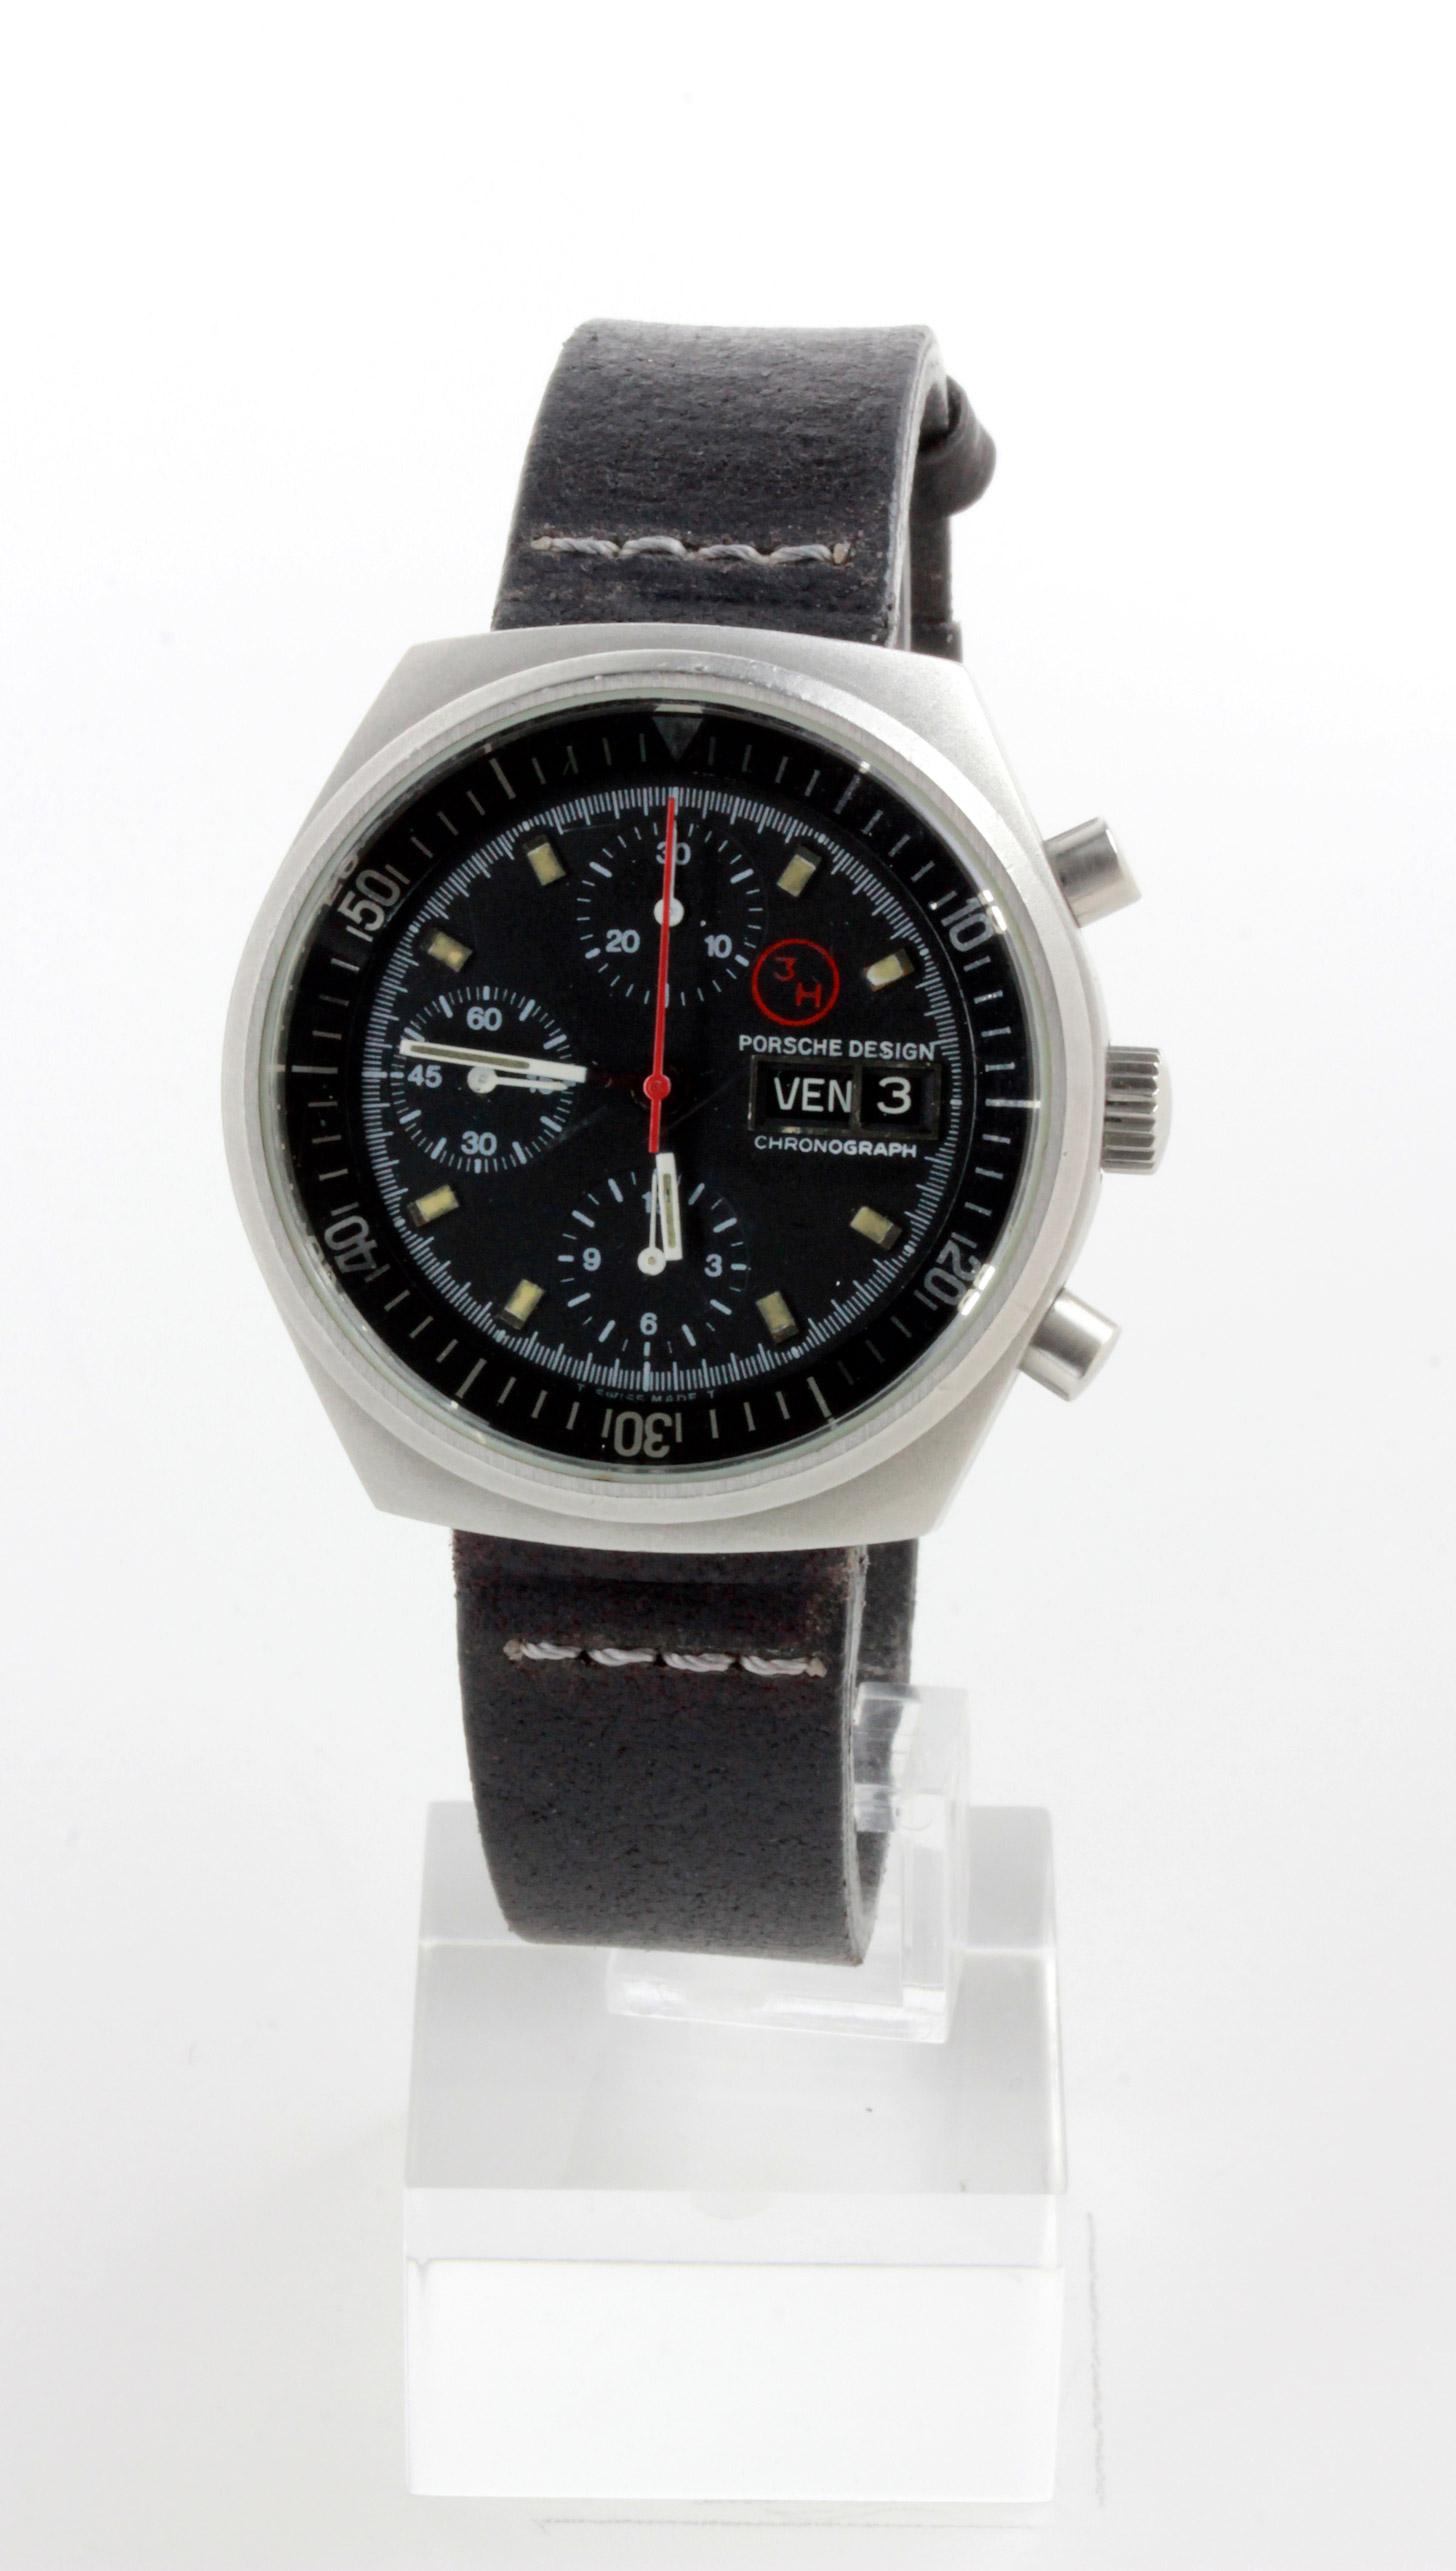 D/ Porsche Design cronografo con data automatico, anni '80, 41. Porsche Design cronografo con data automatico, anni '80. Ref. 885.108 MR. Cal. 7750. Cassa acciaio sabbiato. Fondo a vite. Tasti a pompa. Vetro minerale, quadrante nero indici trizio. 41. Fibbia MOMO Design.